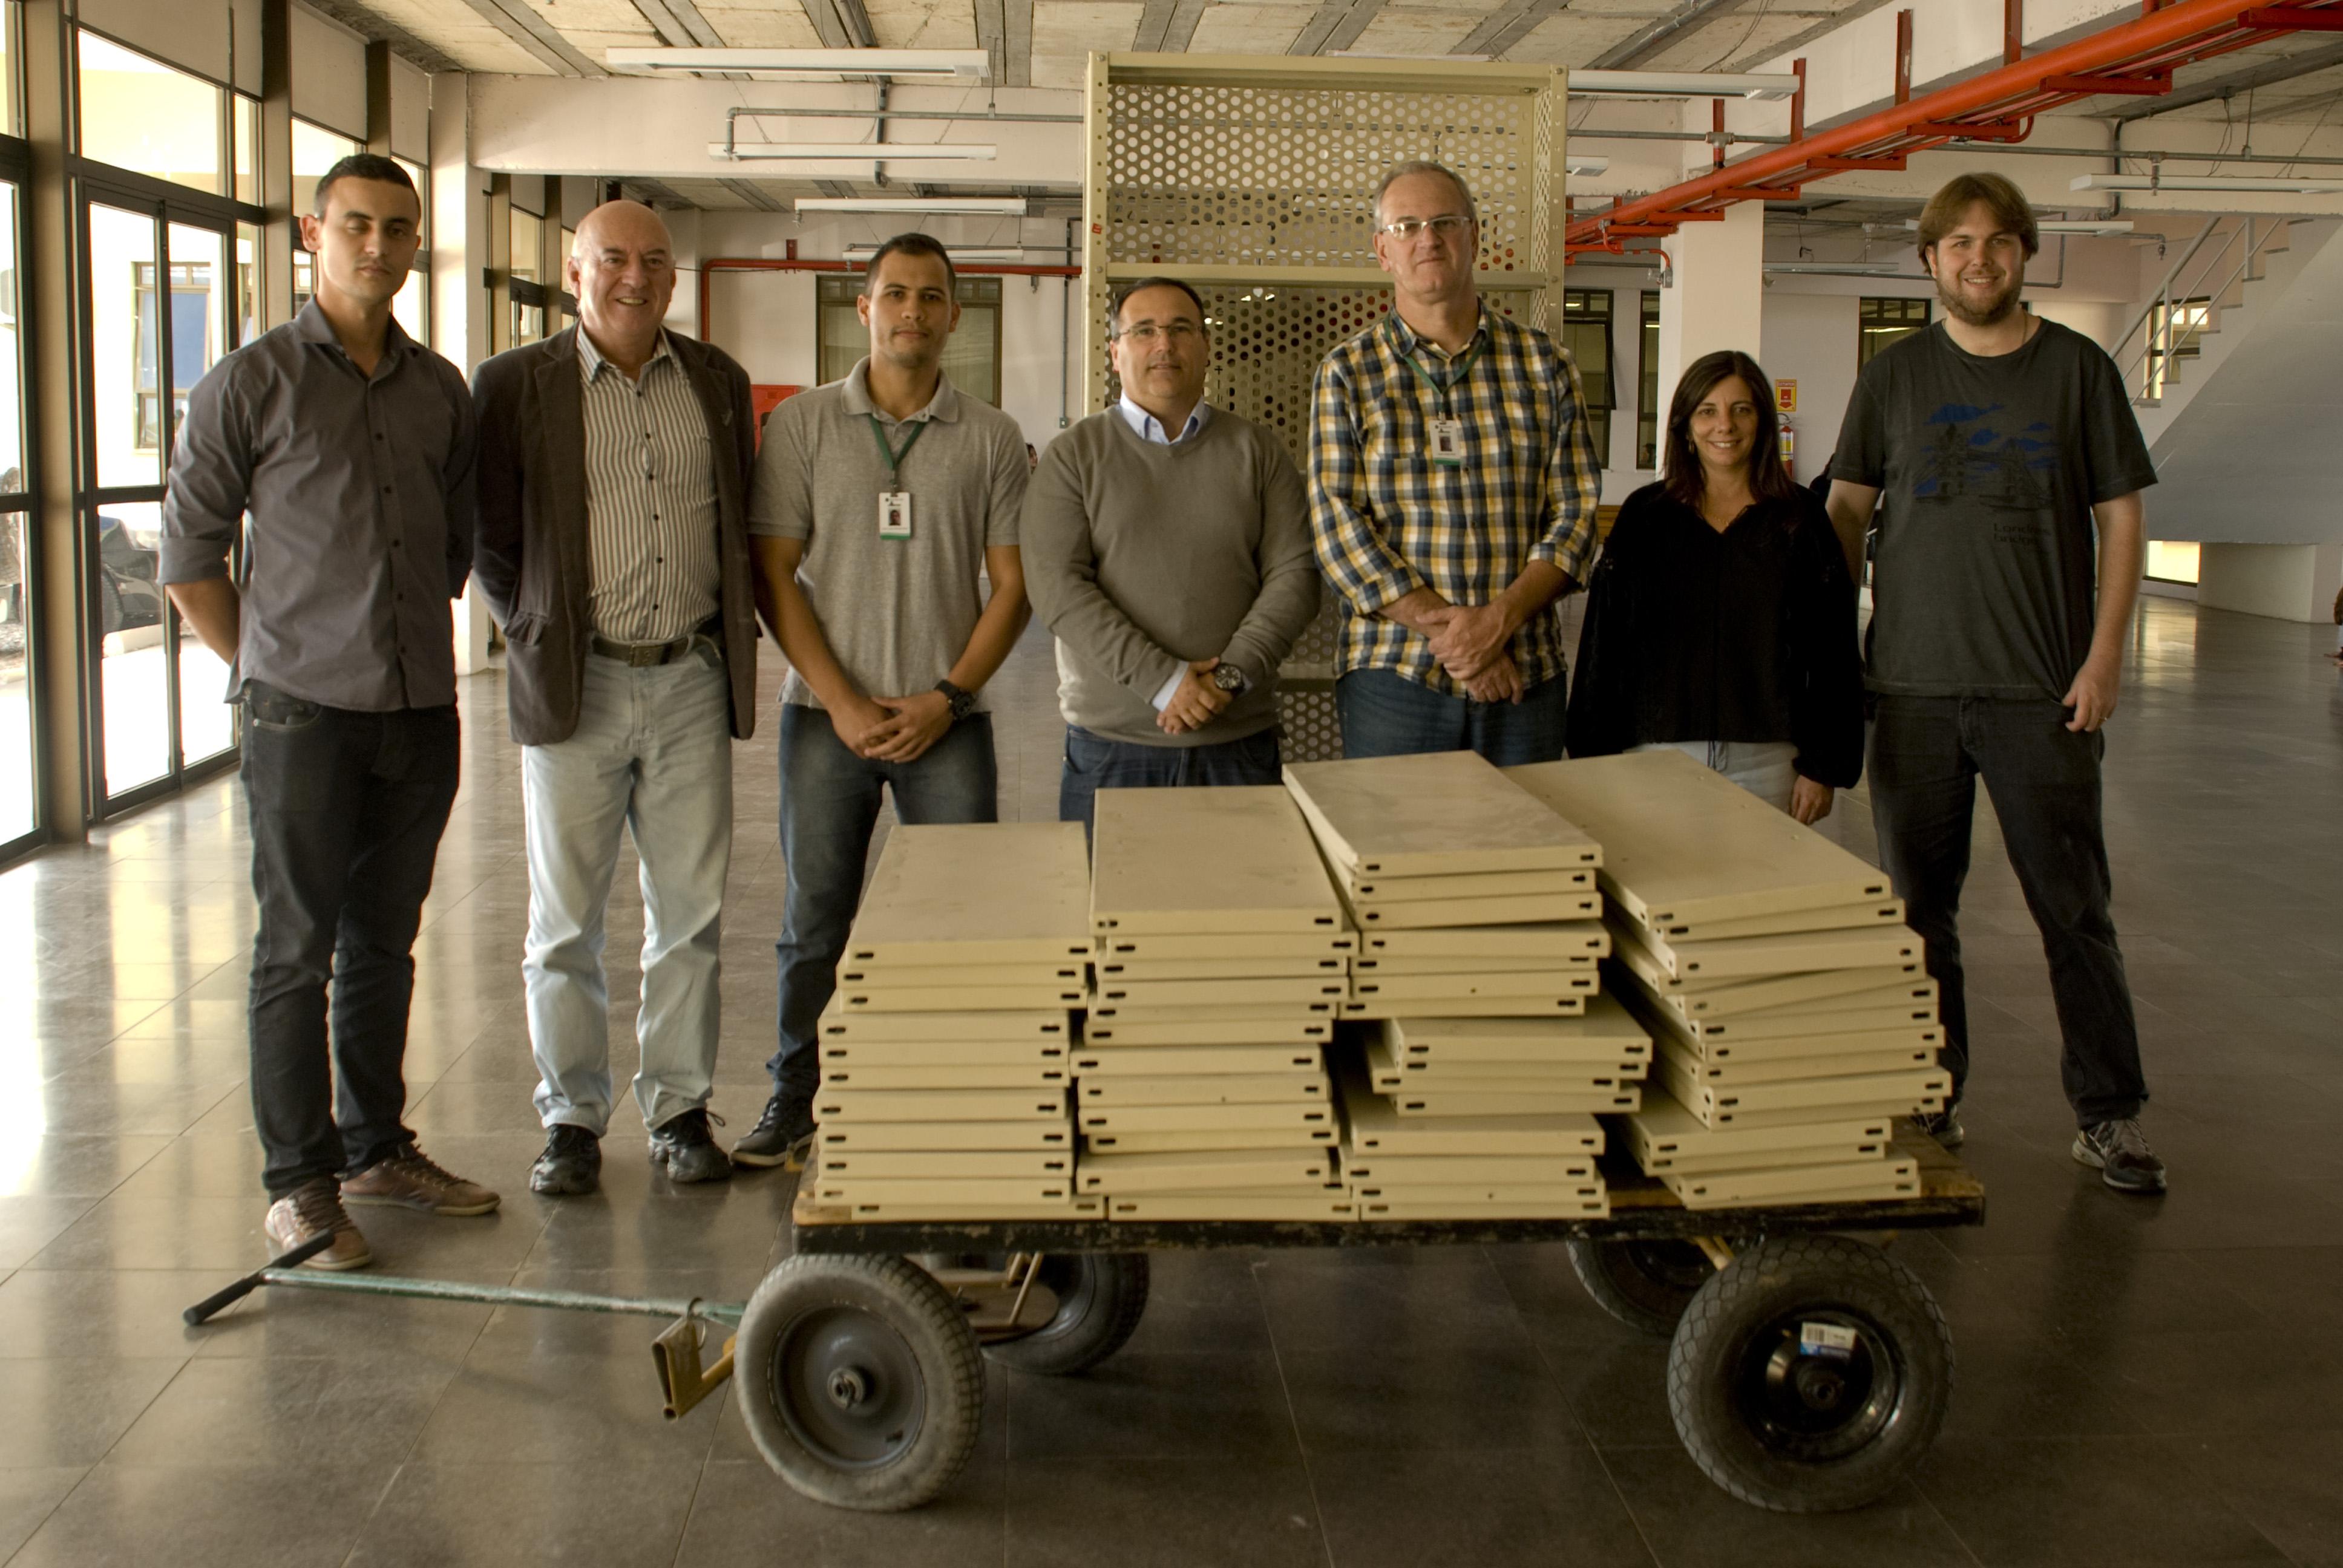 Seis pessoas se encontram atrás de um carrinho com prateleiras em madeira na cor bege.